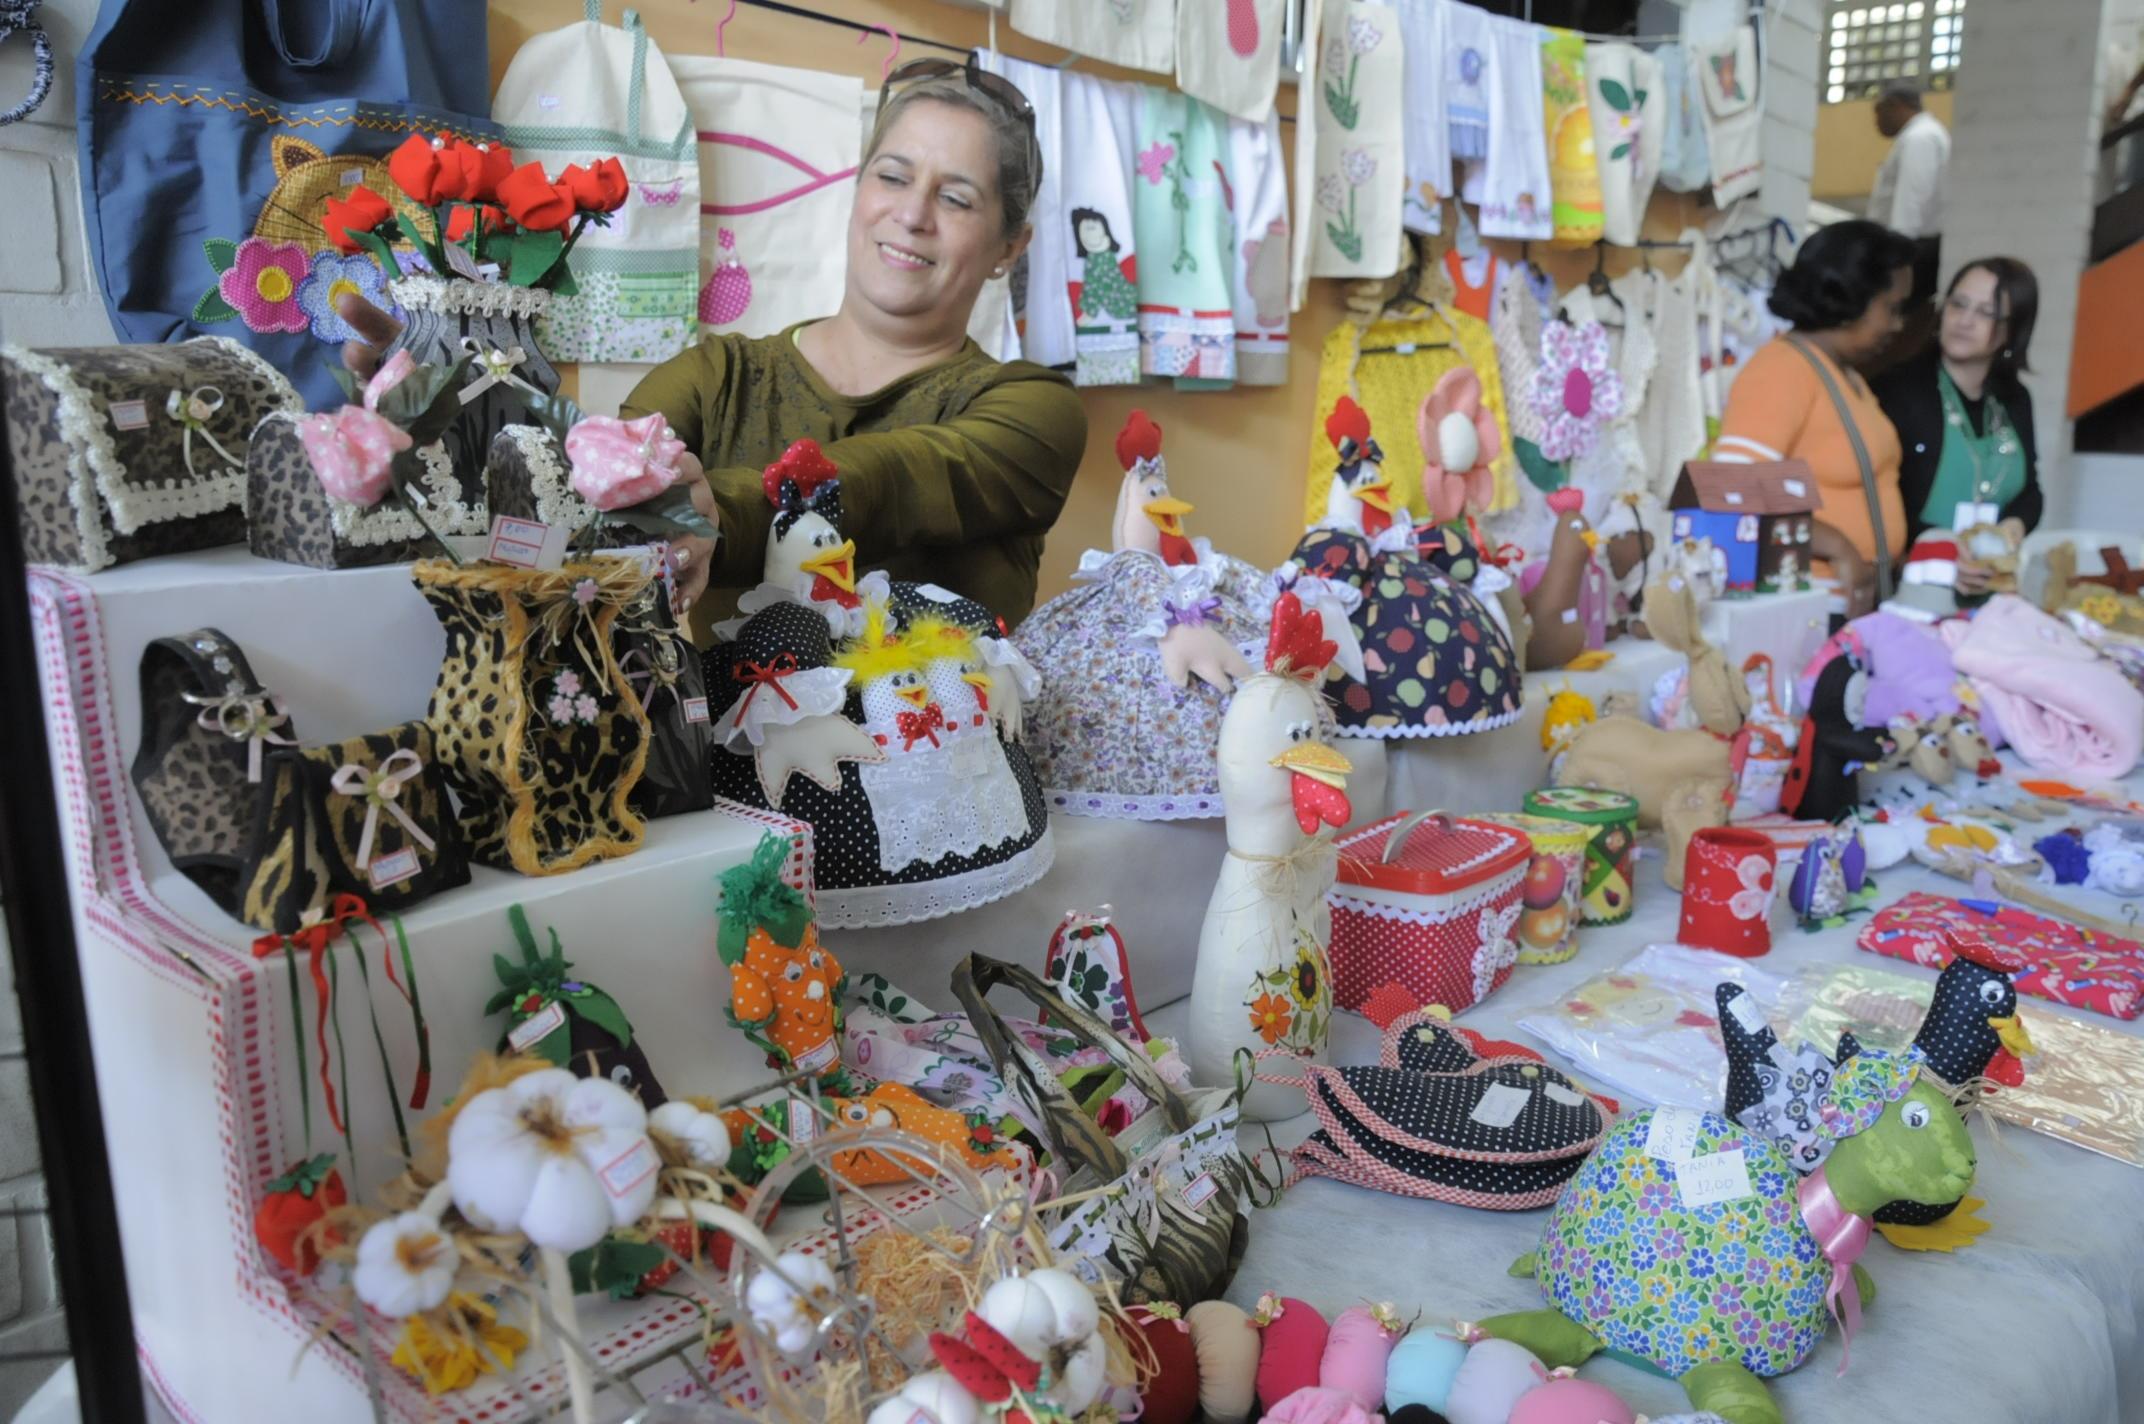 Adesivo Transdermico Reposição Hormonal ~ Nova Friburgo, RJ, realiza feira de artesanato a partir de